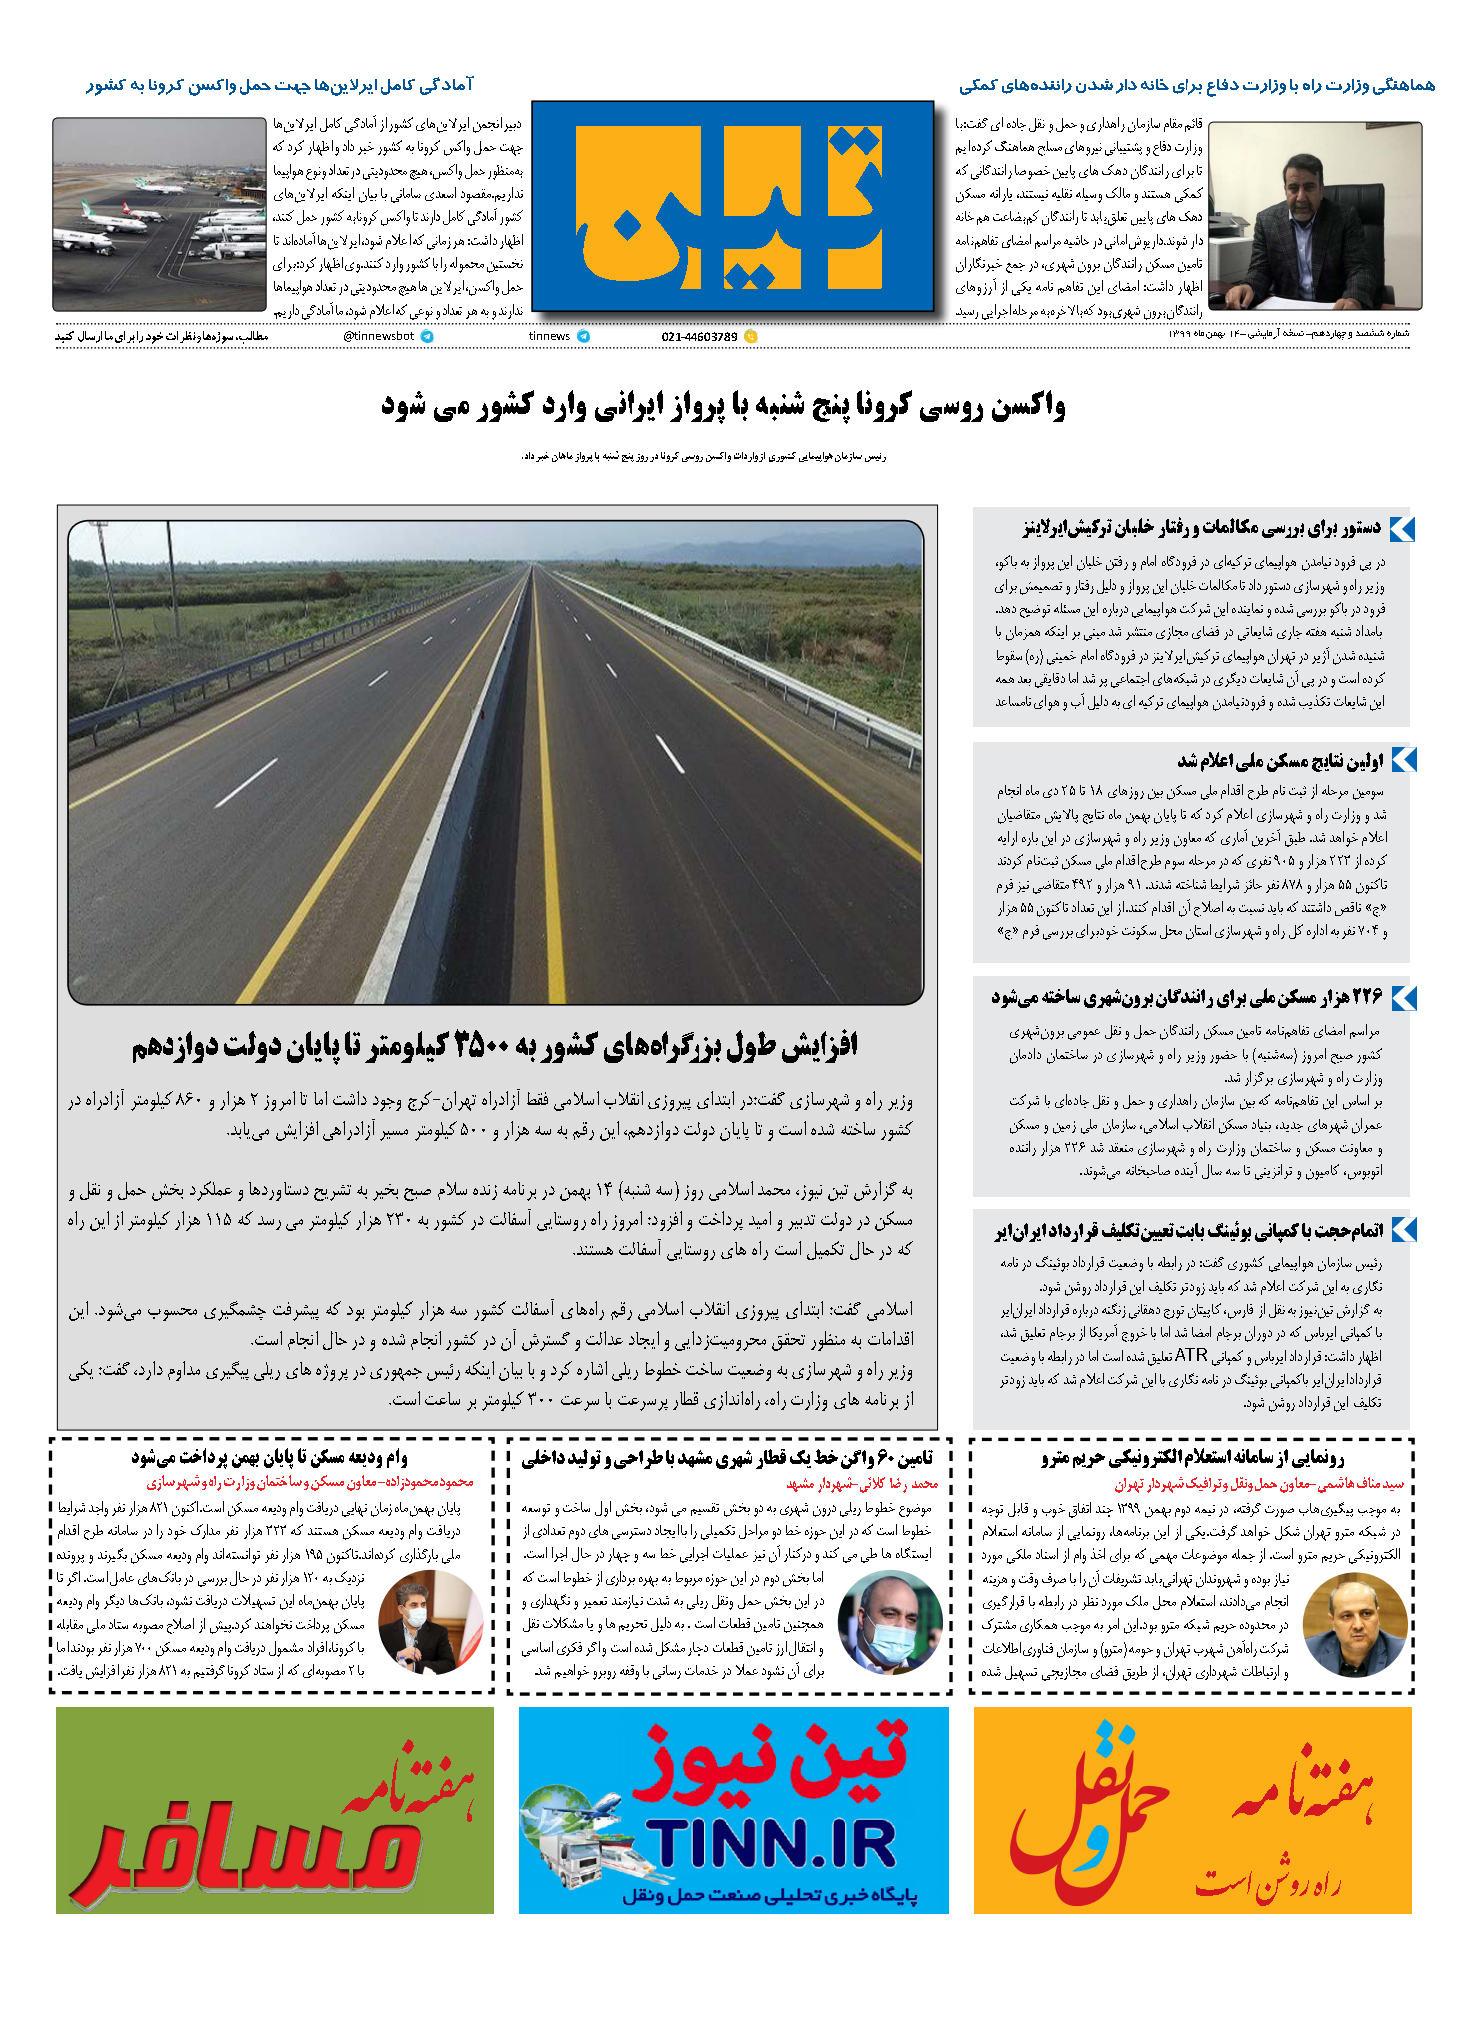 روزنامه الکترونیک 14 بهمن ماه 99